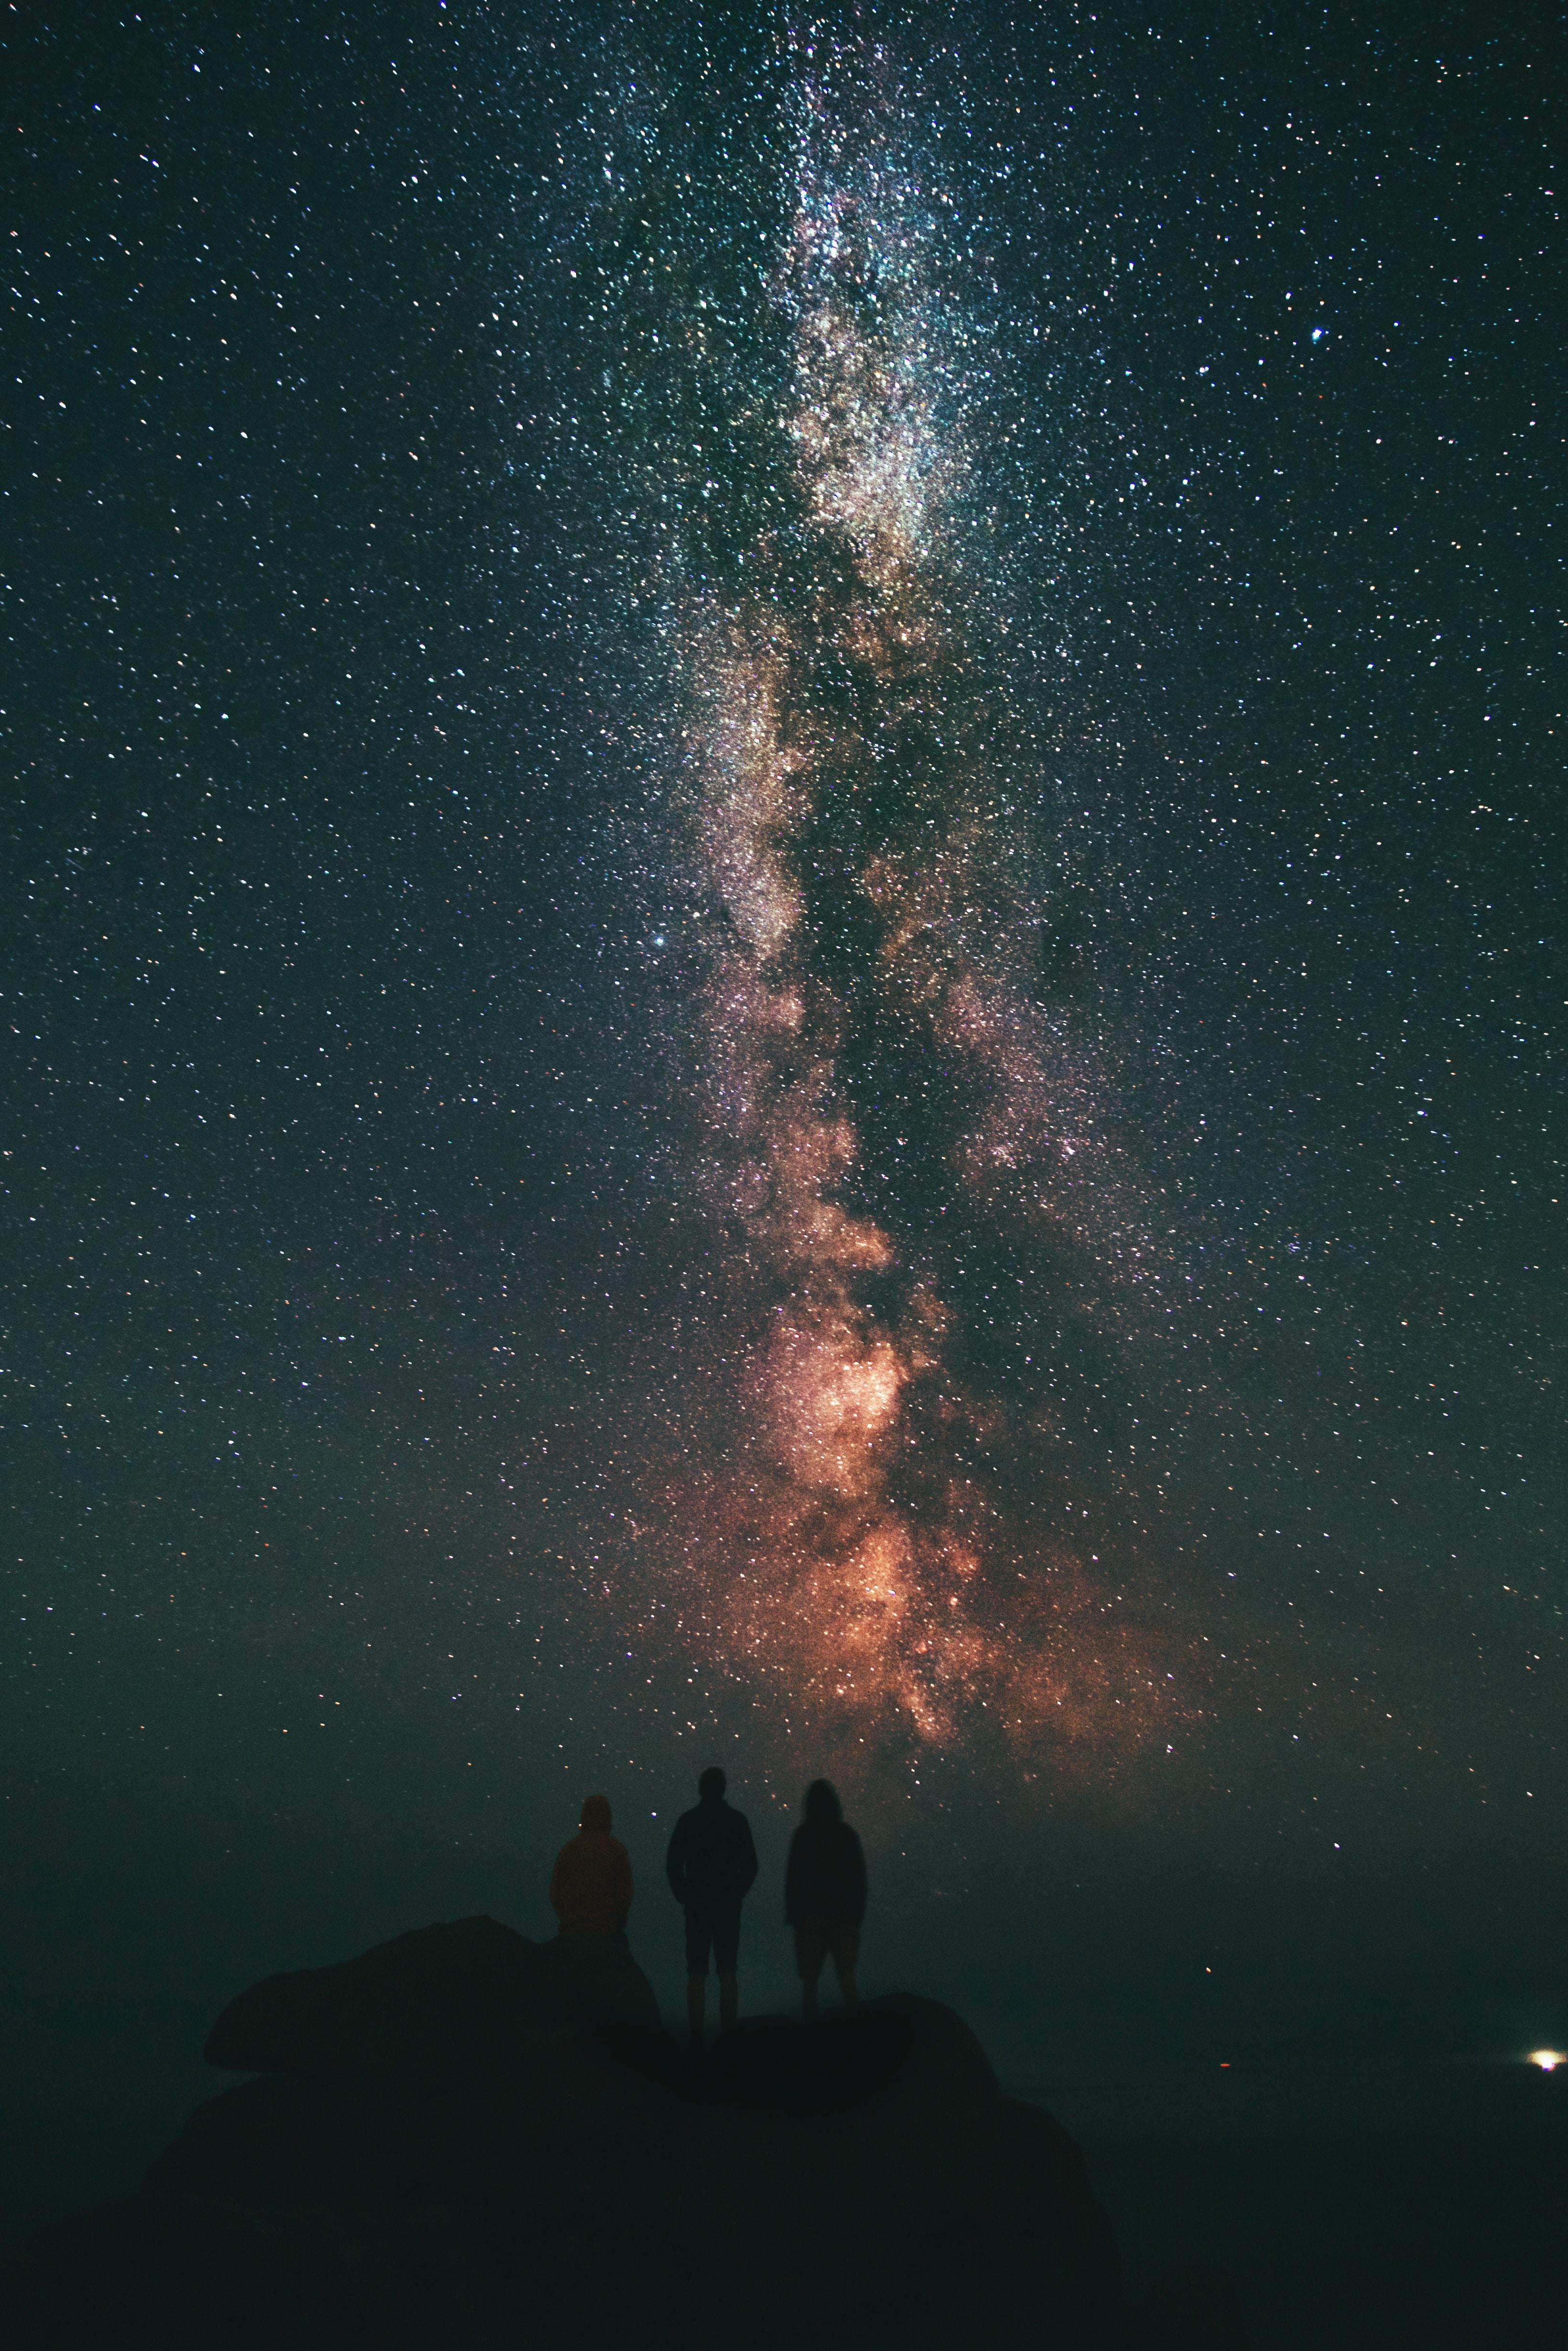 خلفيات نجوم